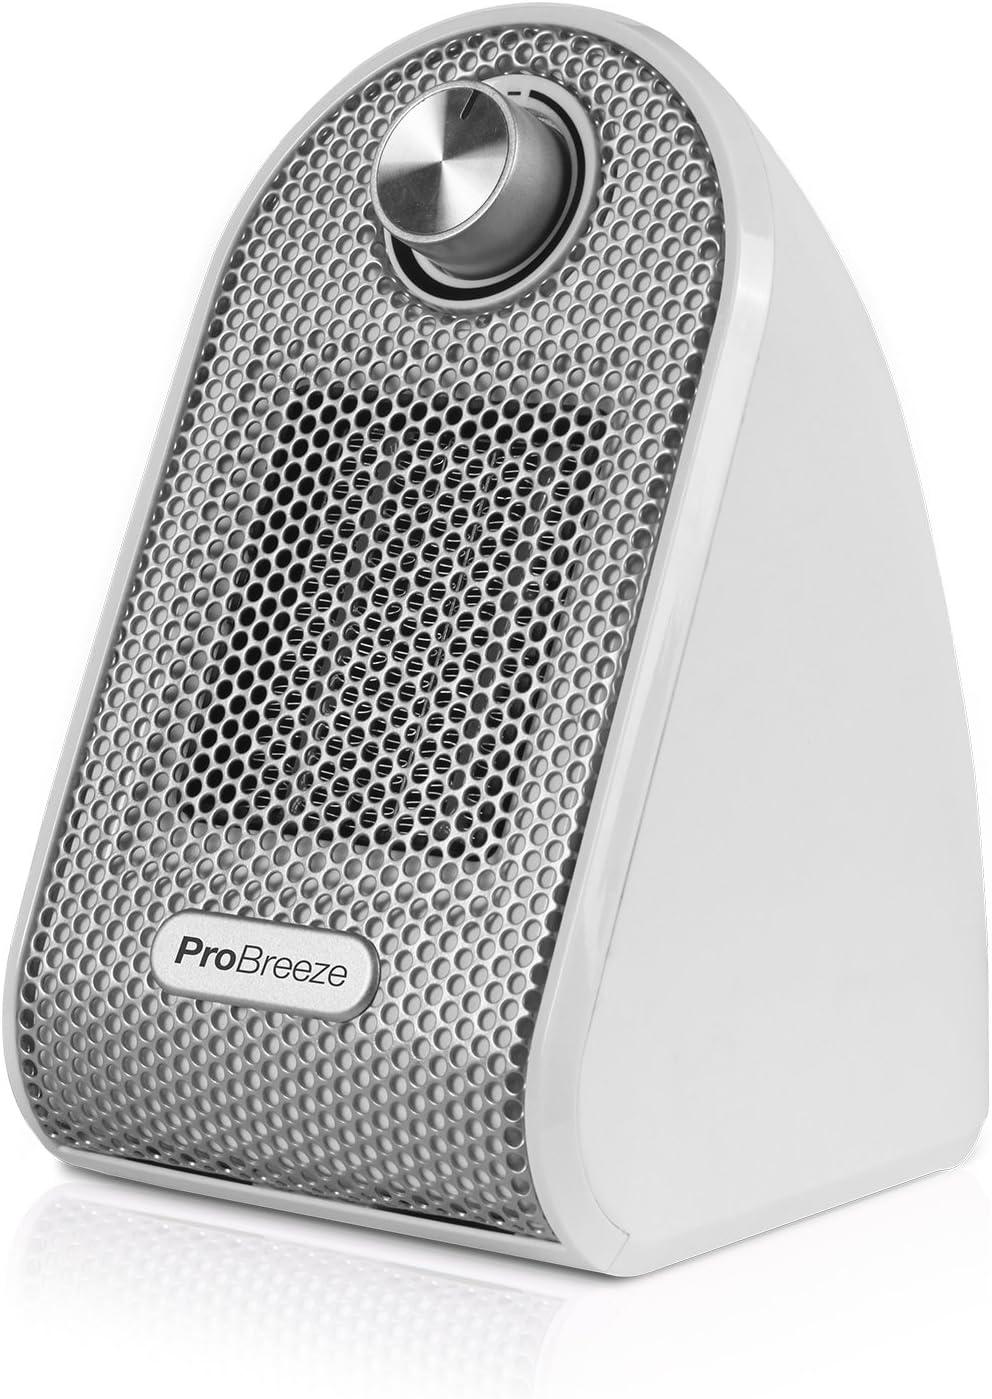 Pro Breeze Calefactor Eléctrico Cerámico 500W - con Termostato Ajustable, Bajo Consumo y Protección contra Sobrecalentamiento - Calentador de Cerámica PTC